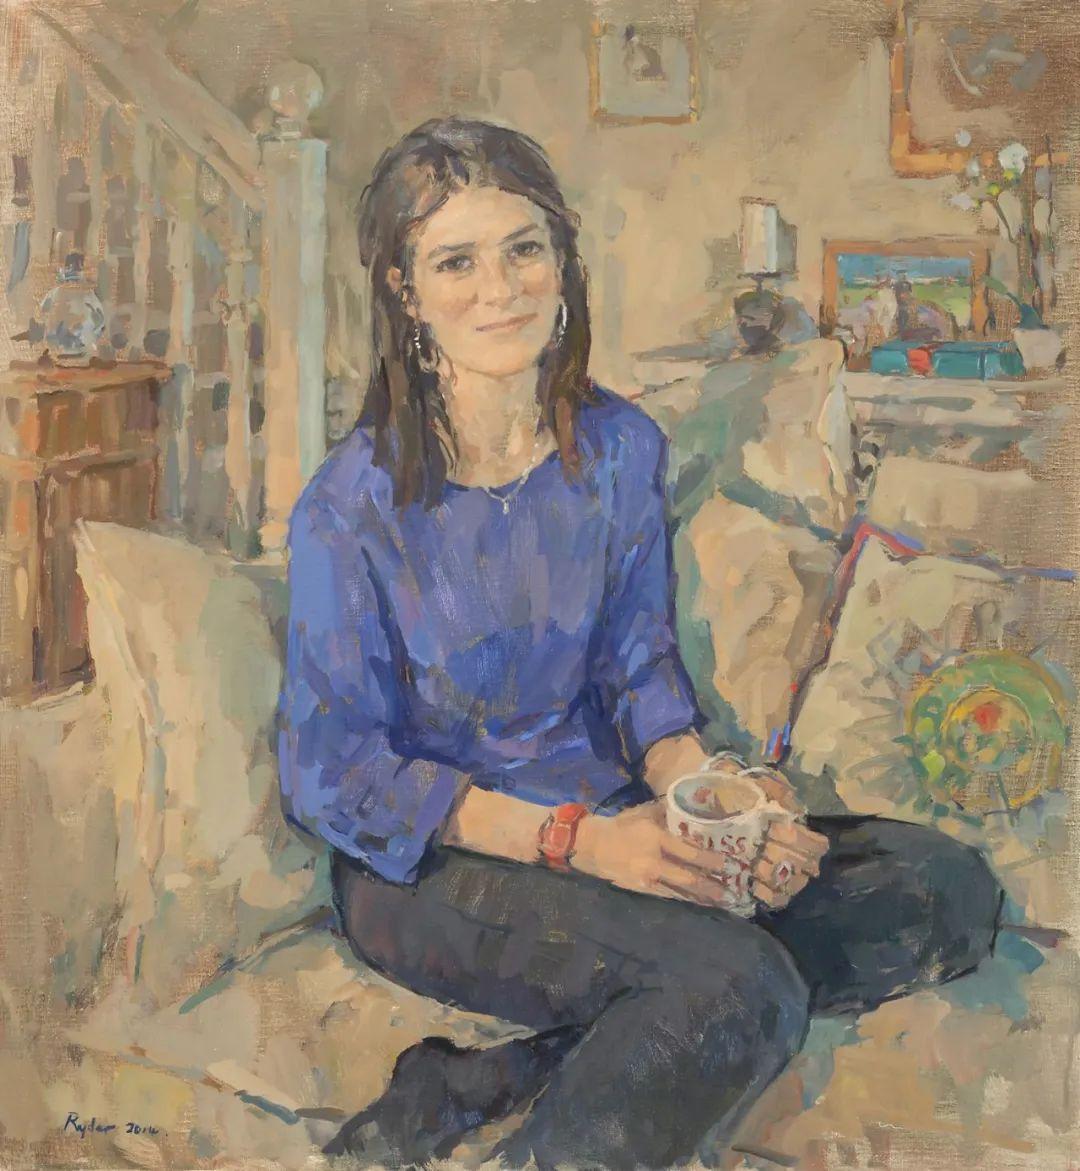 英国女画家苏珊·莱德人物作品插图21